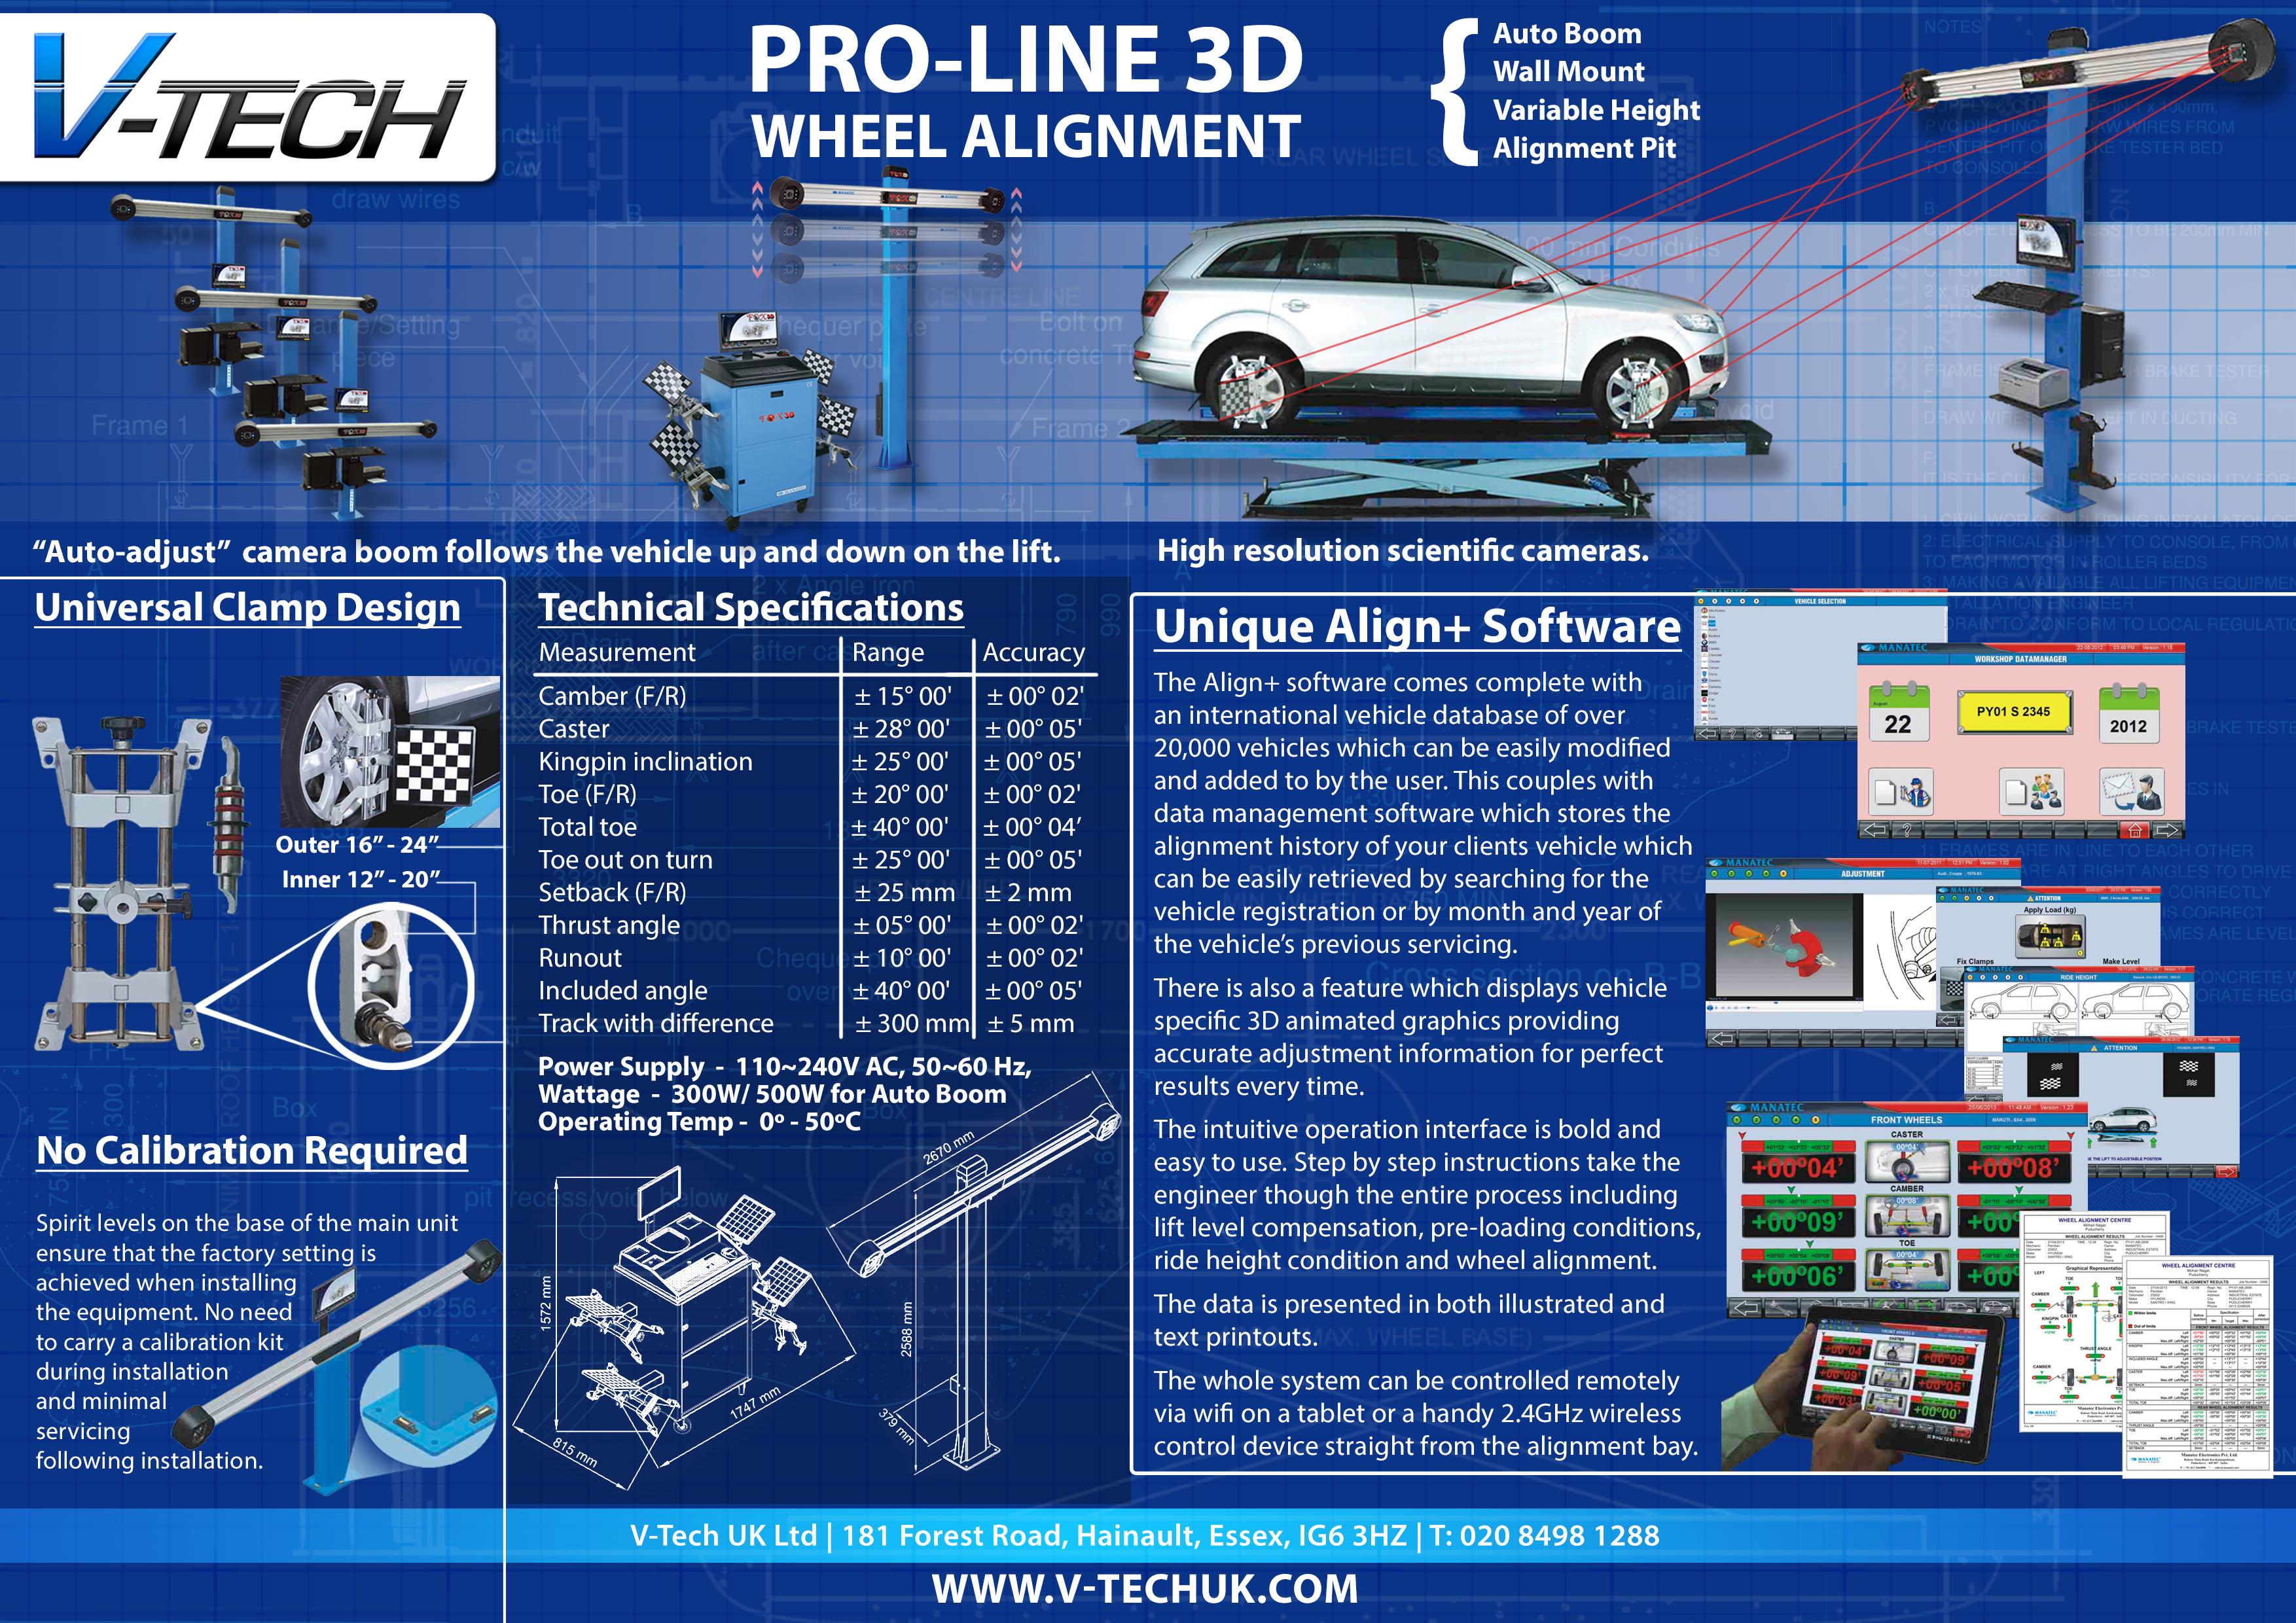 proline3d_new